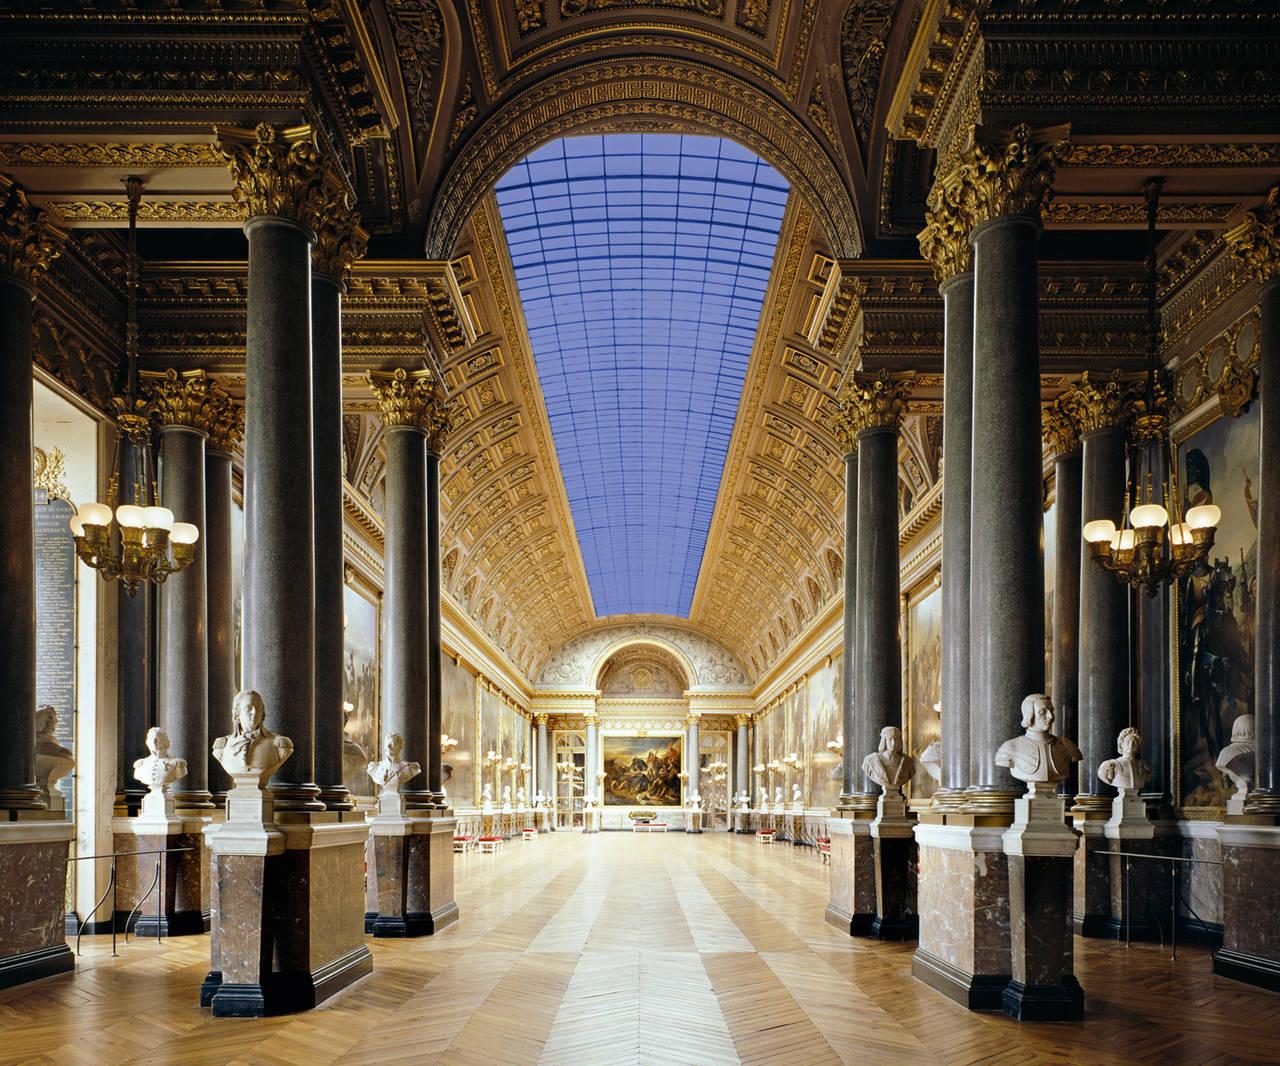 Massimo Listri - Chateau de Versailles 1